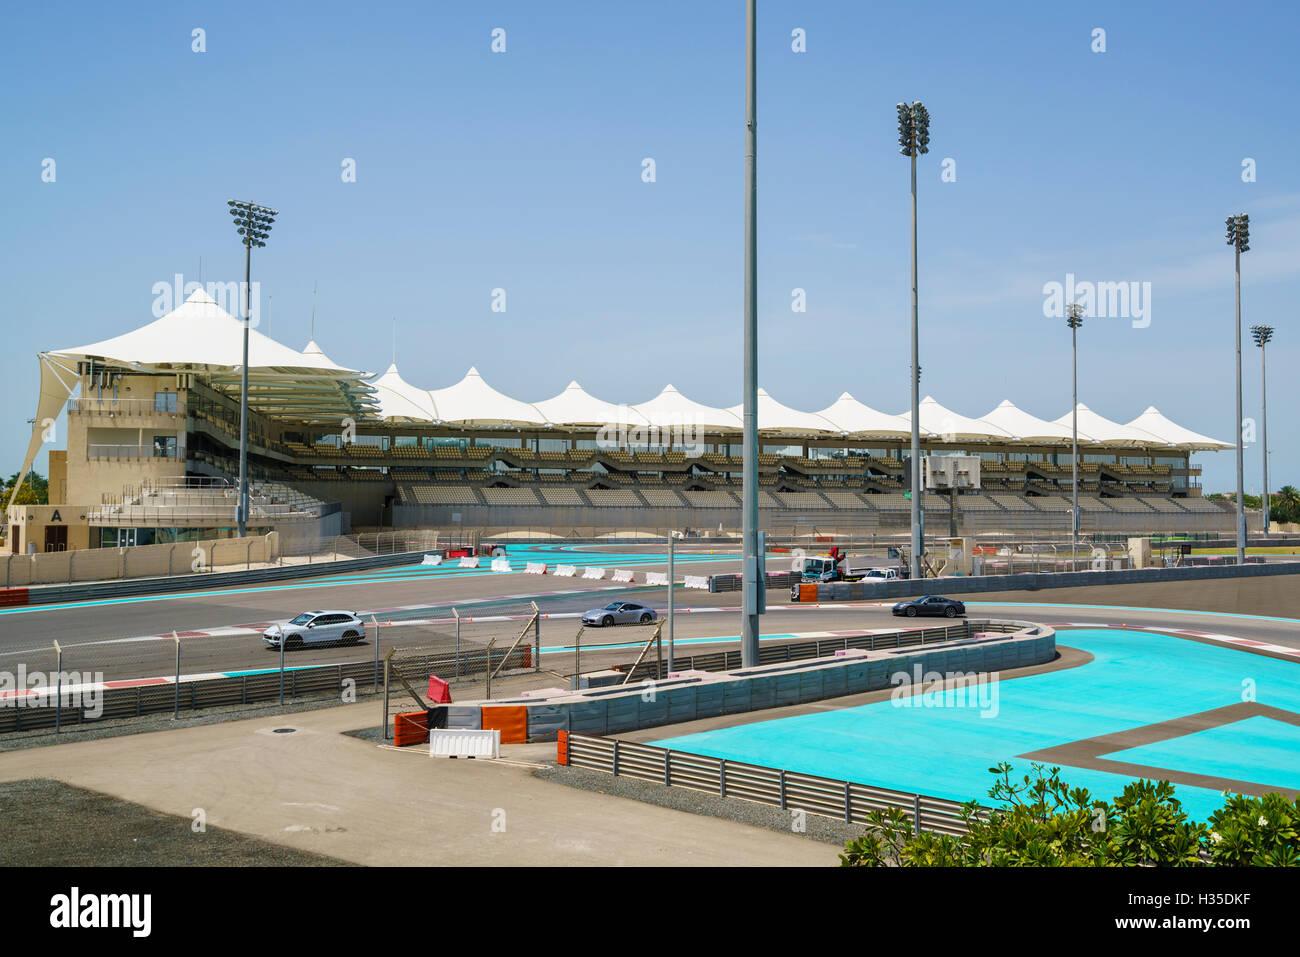 Yas Marina Formula One circuit, Yas Island, Abu Dhabi, United Arab Emirates, Middle East - Stock Image